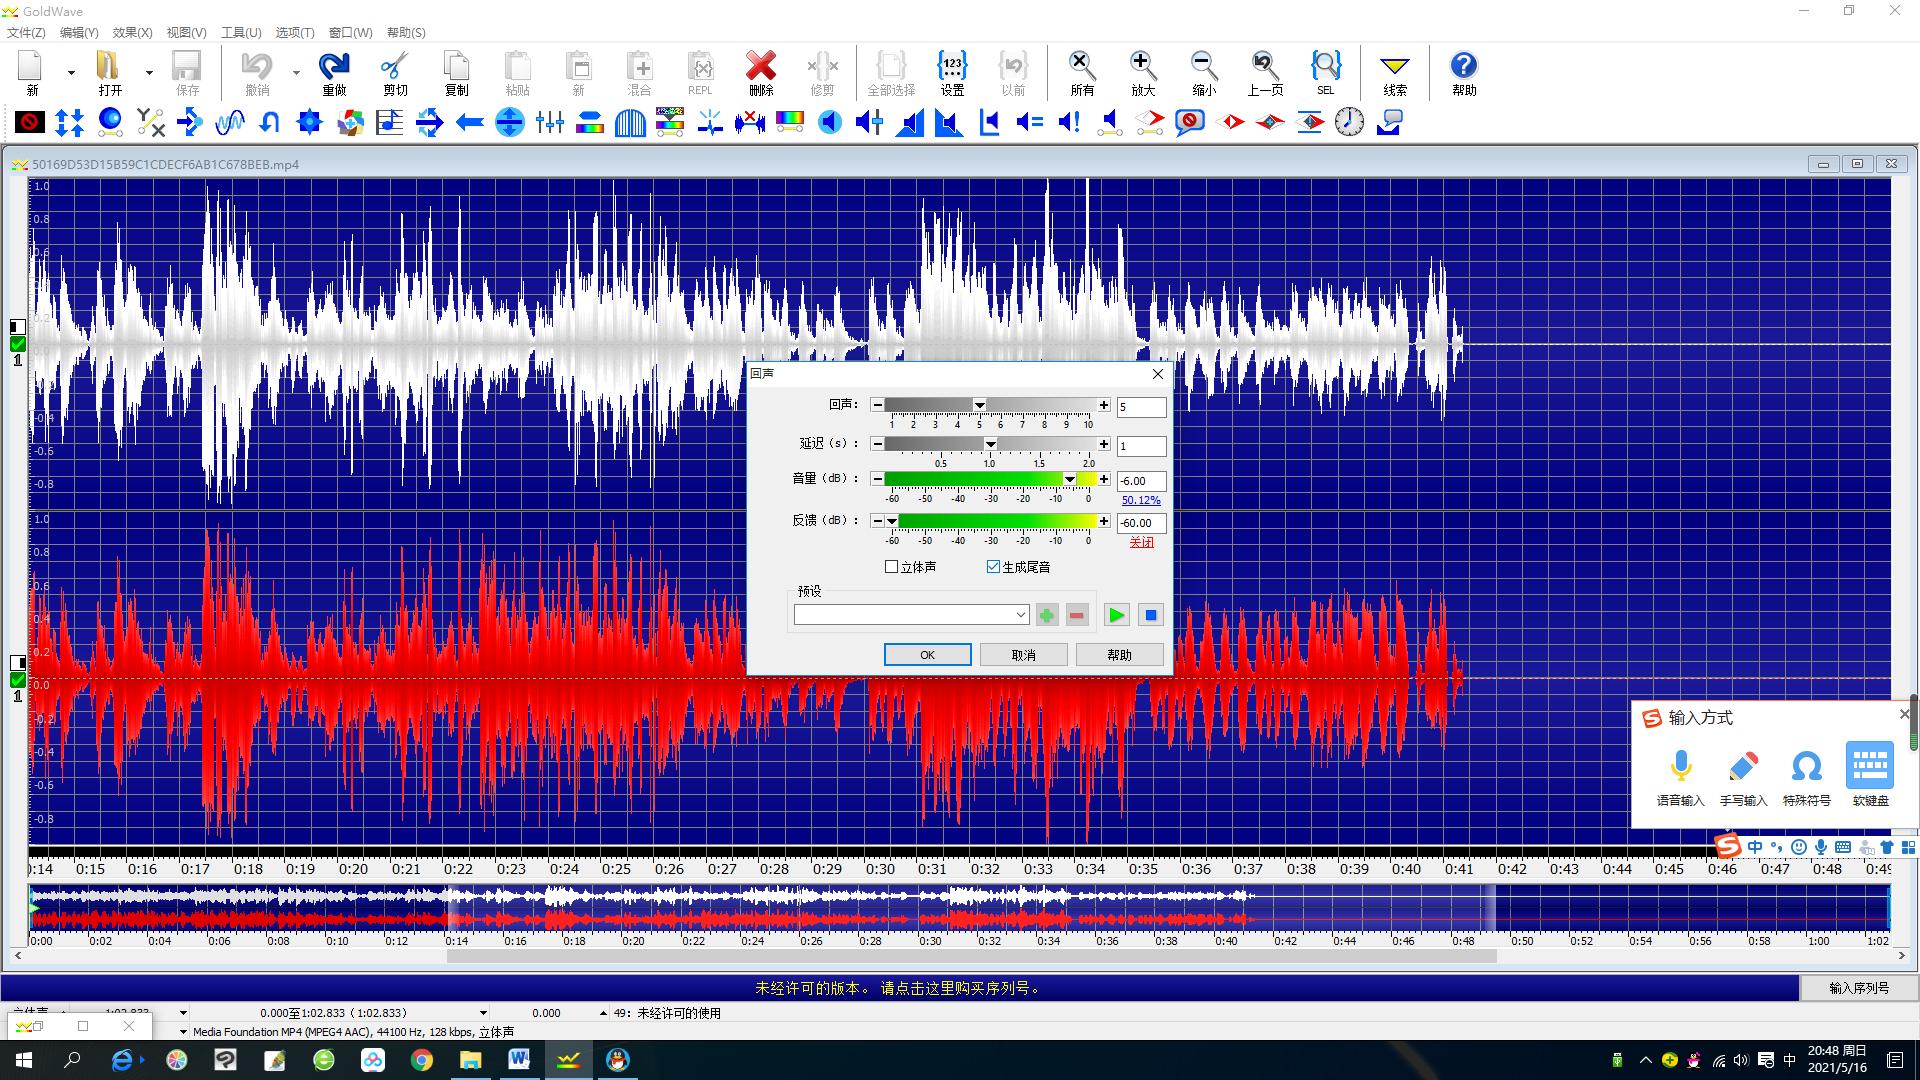 图5:回声效果参数设置